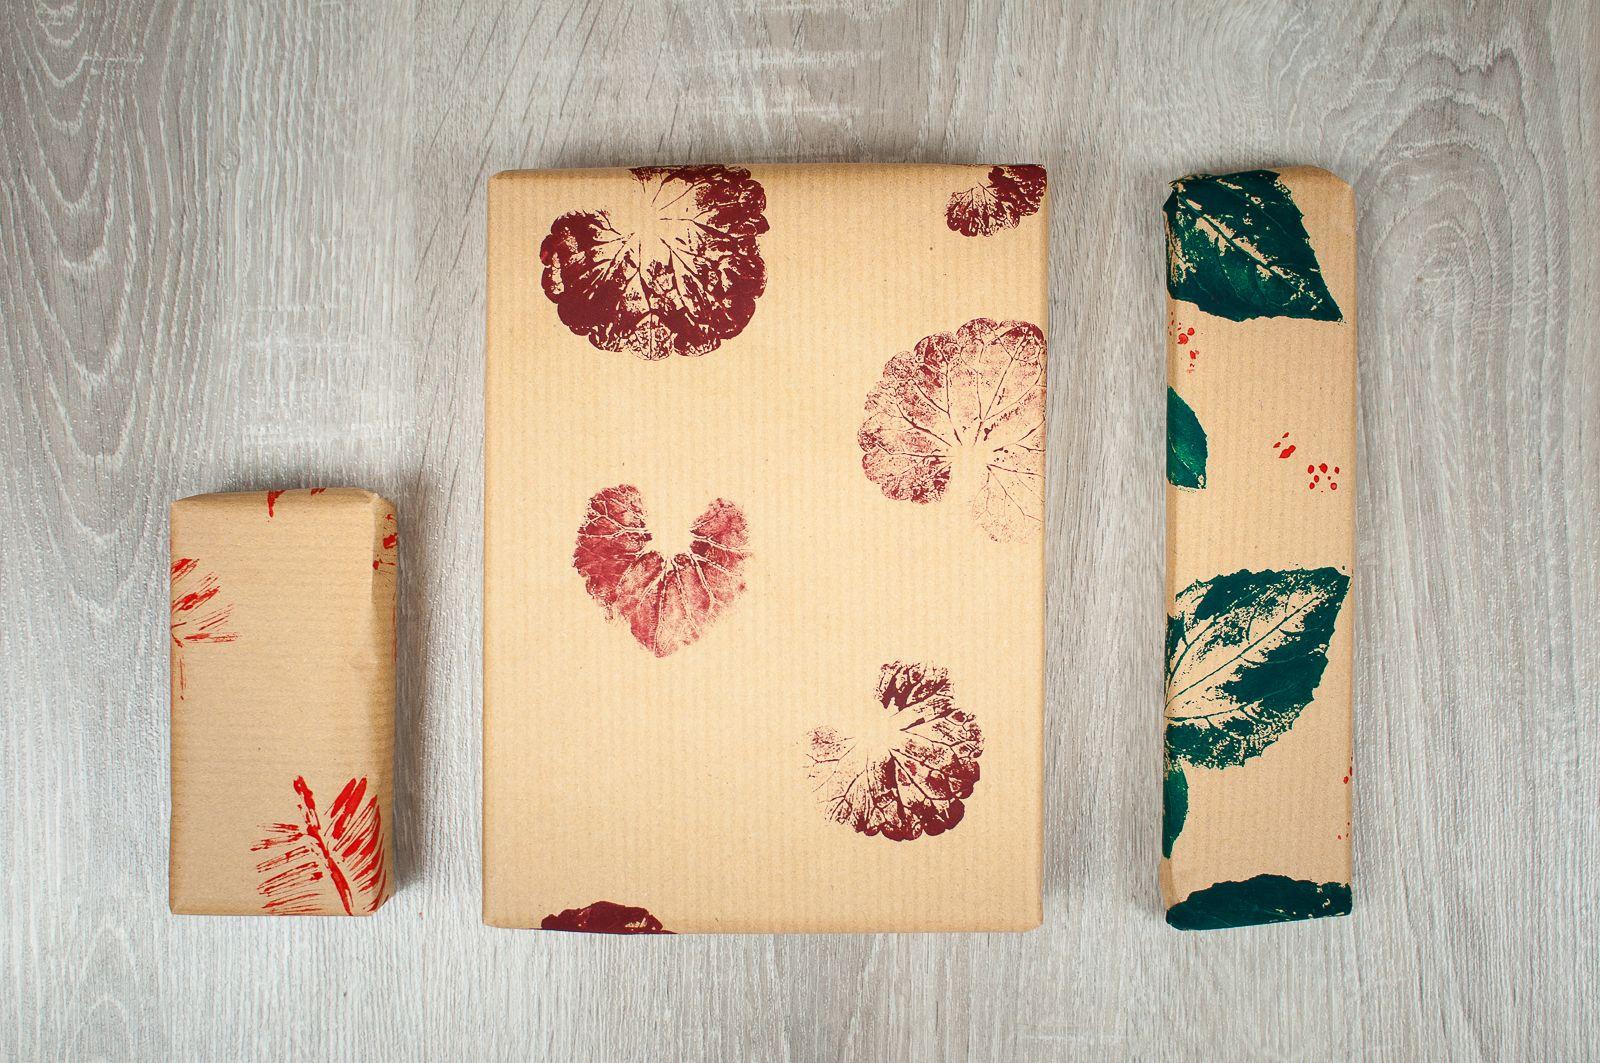 geschenkpapier selbst gestalten sch n einpacken. Black Bedroom Furniture Sets. Home Design Ideas